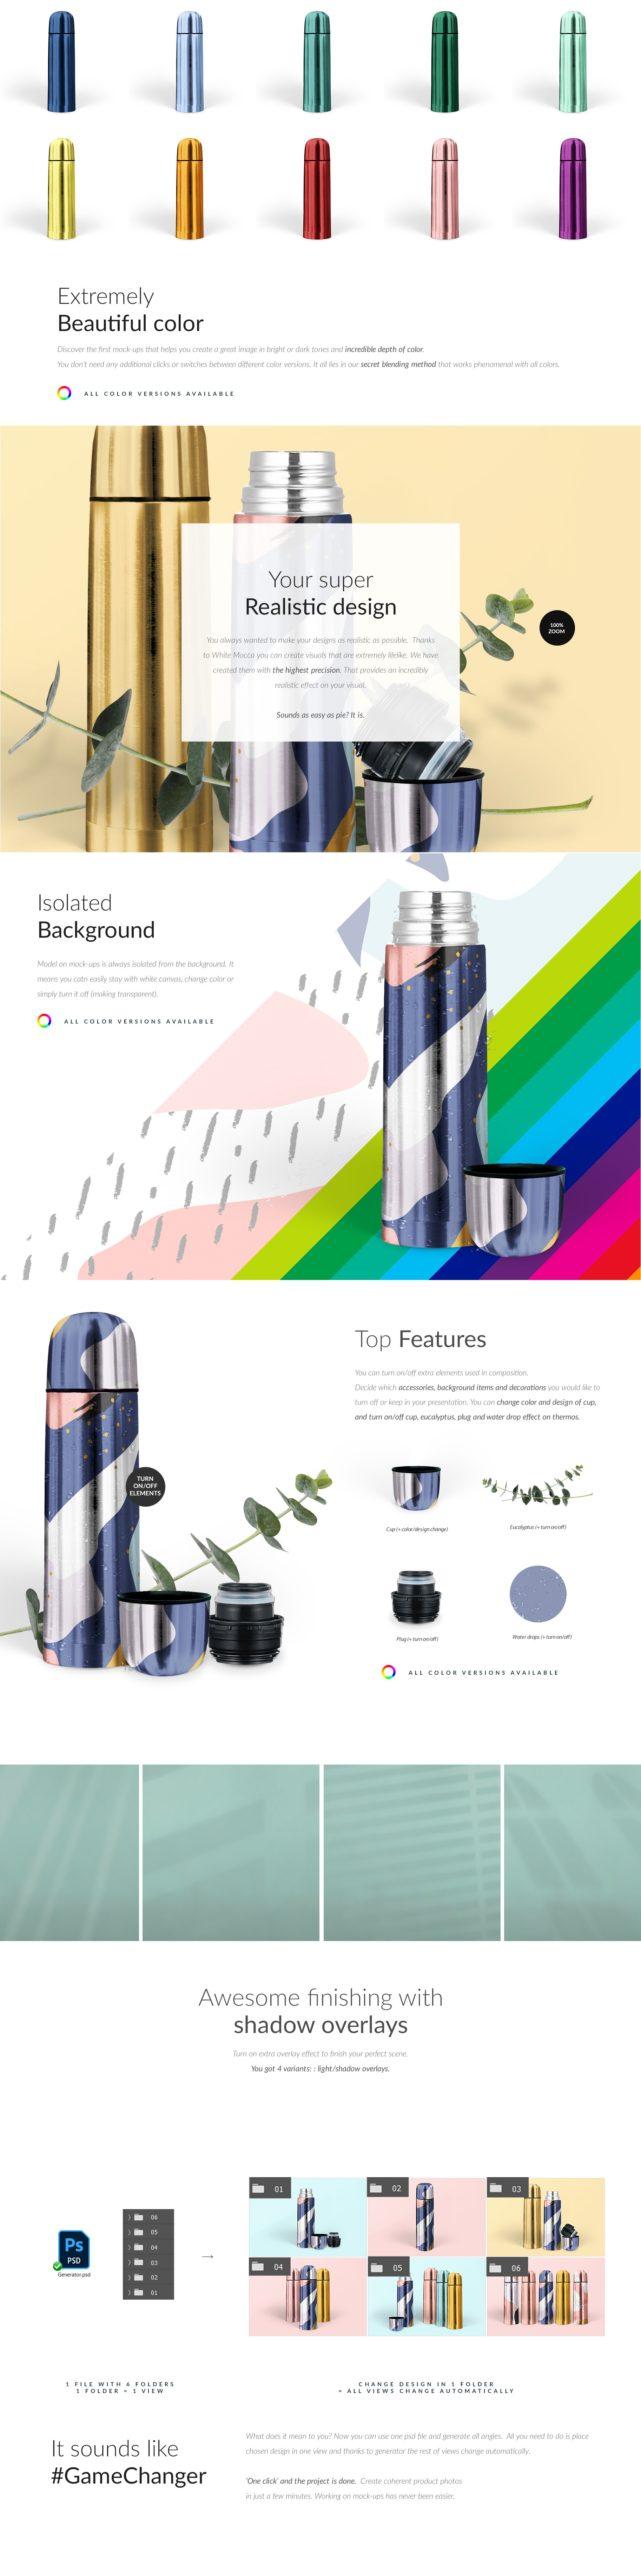 金属不锈钢保温壶设计展示贴图样机模板 Steel Thermos Mock-ups插图2